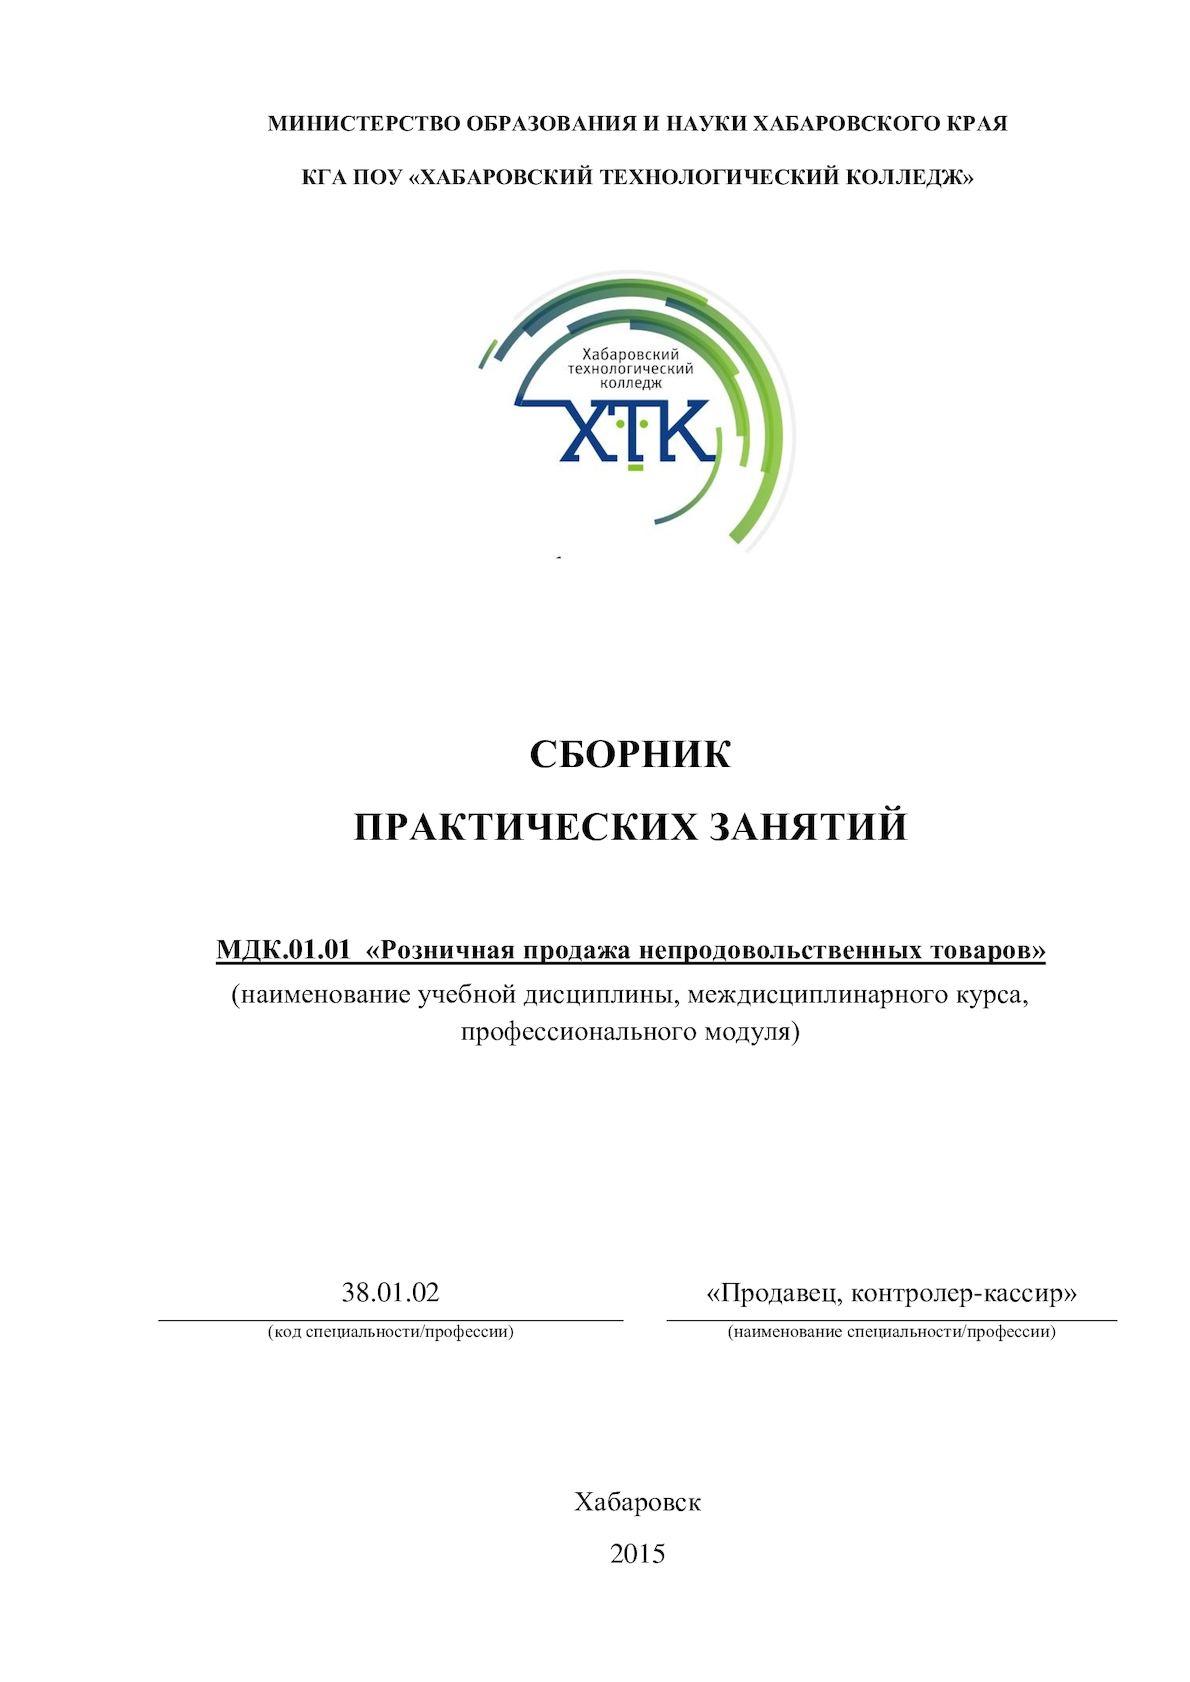 Сборник практических занятий МДК01. 01. Розничная продажа непродовольственных товаров